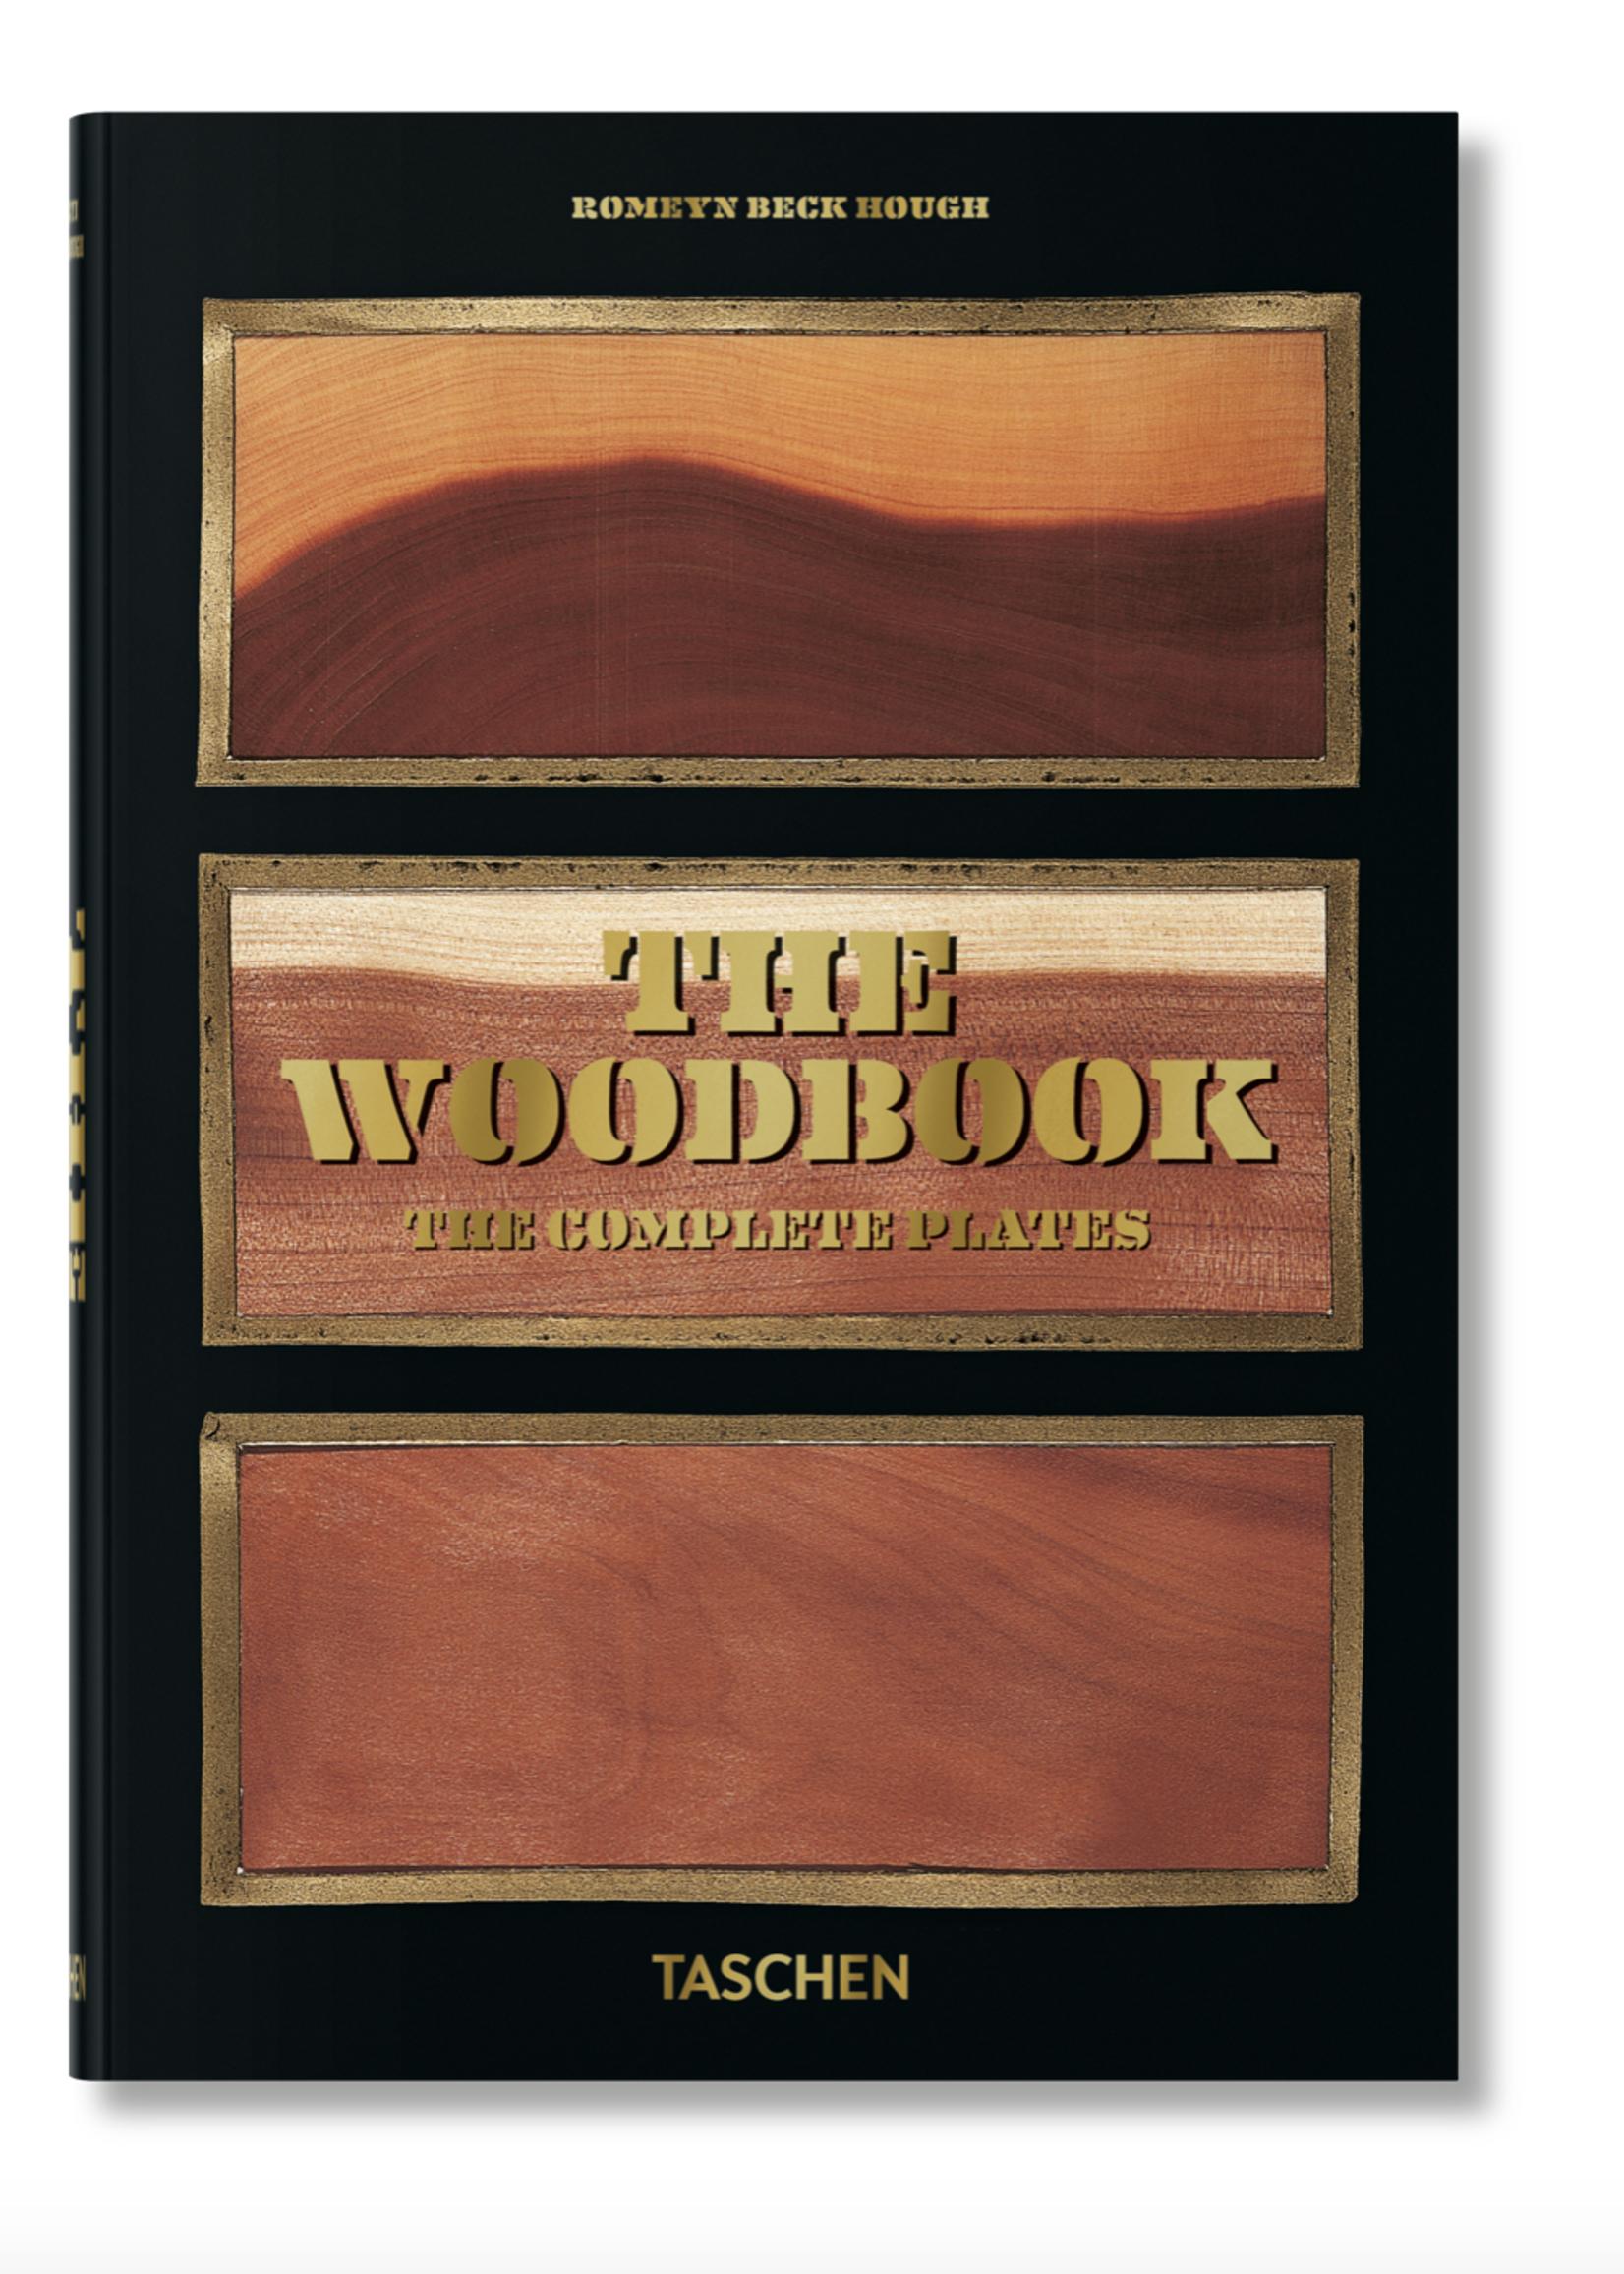 Taschen Taschen - Woodbook